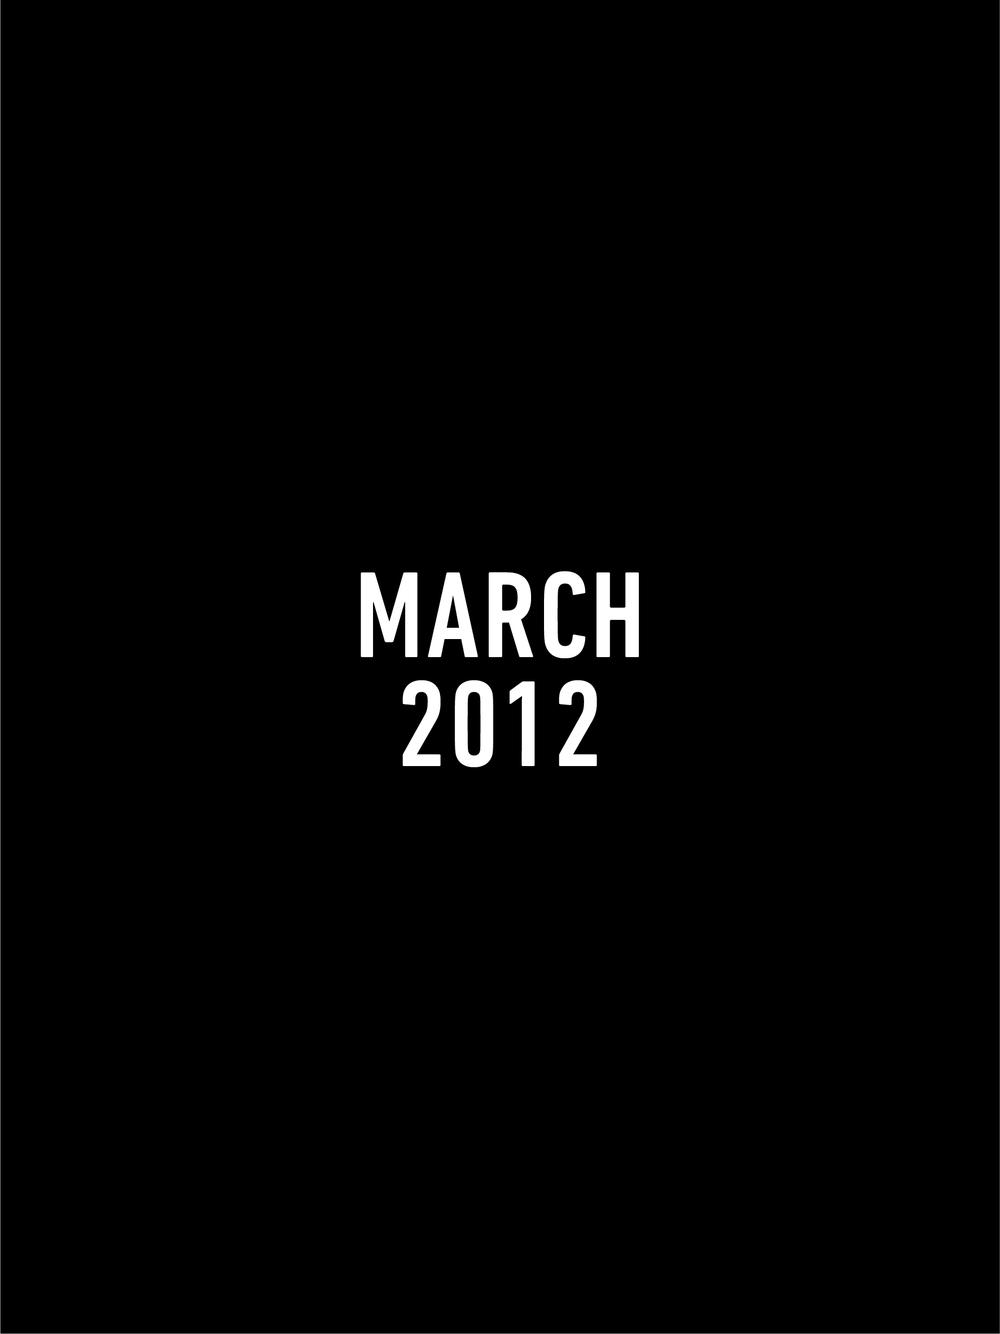 2012 months3.jpg